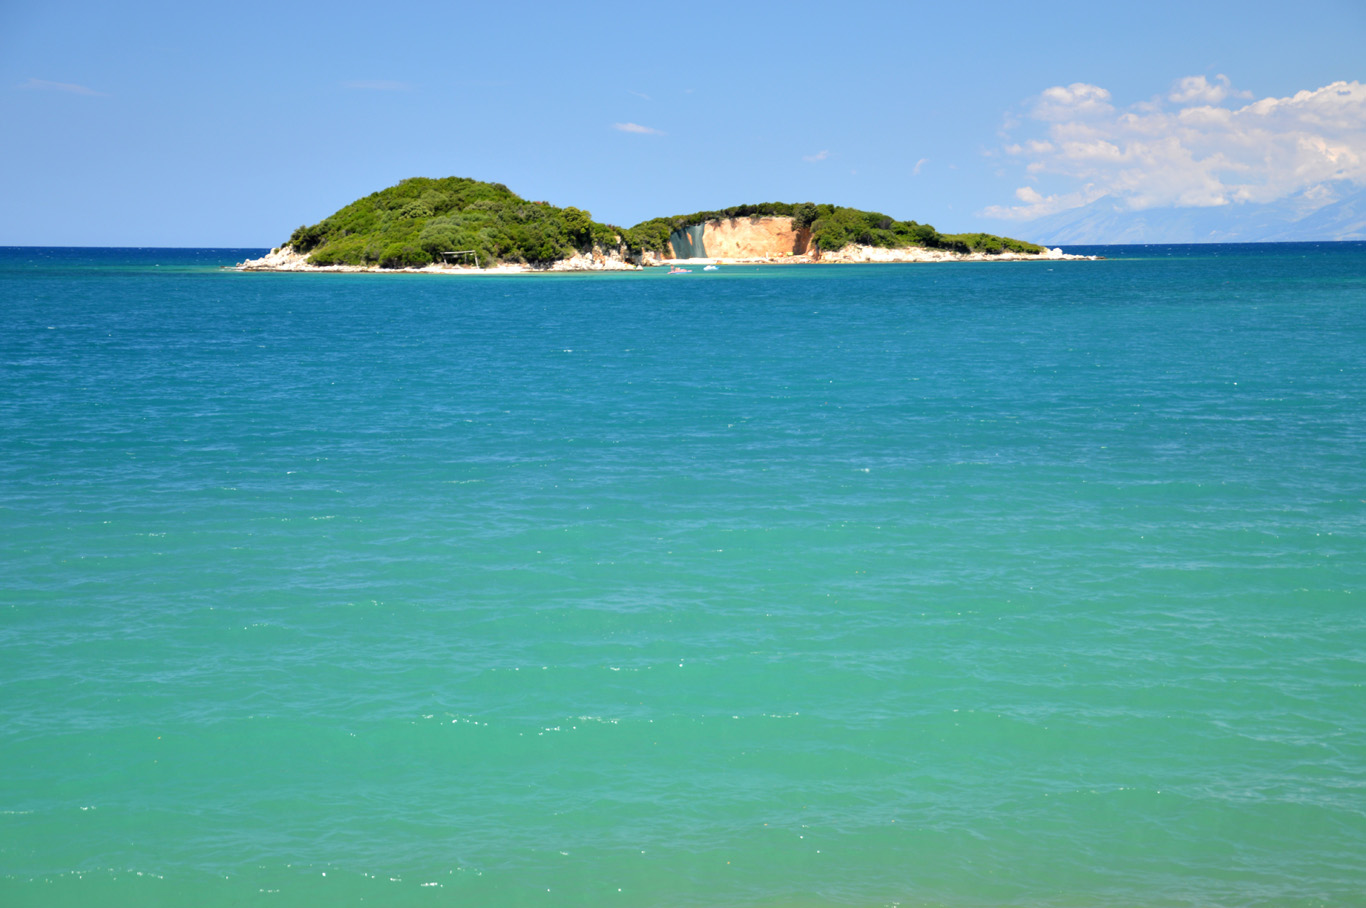 Jamaica island